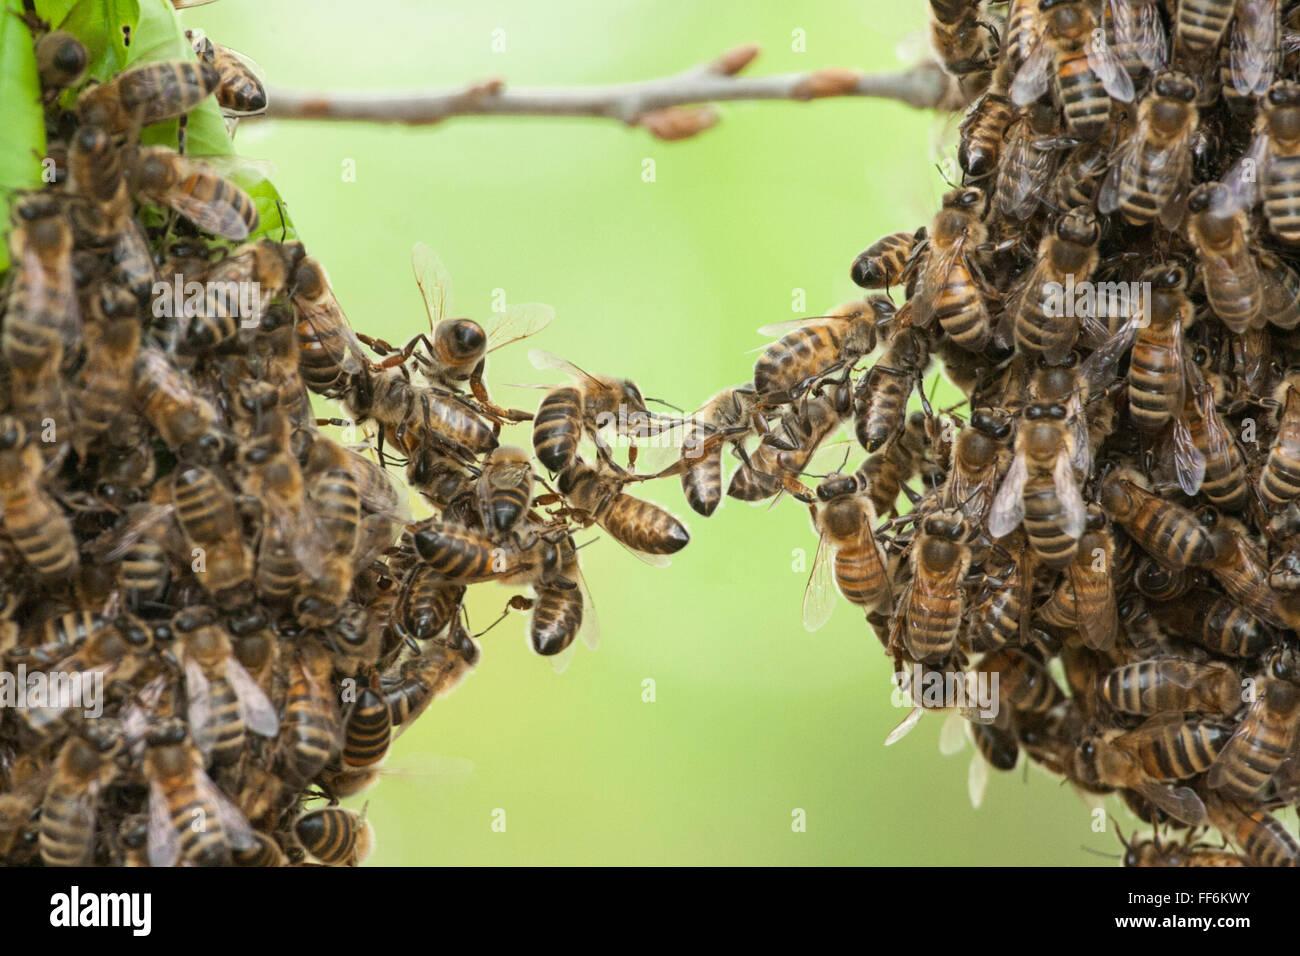 Teamarbeit der Bienen der Verknüpfung von zwei Bee swarm Teile. Metapher für das Konzept der Vertrauen, Stockbild